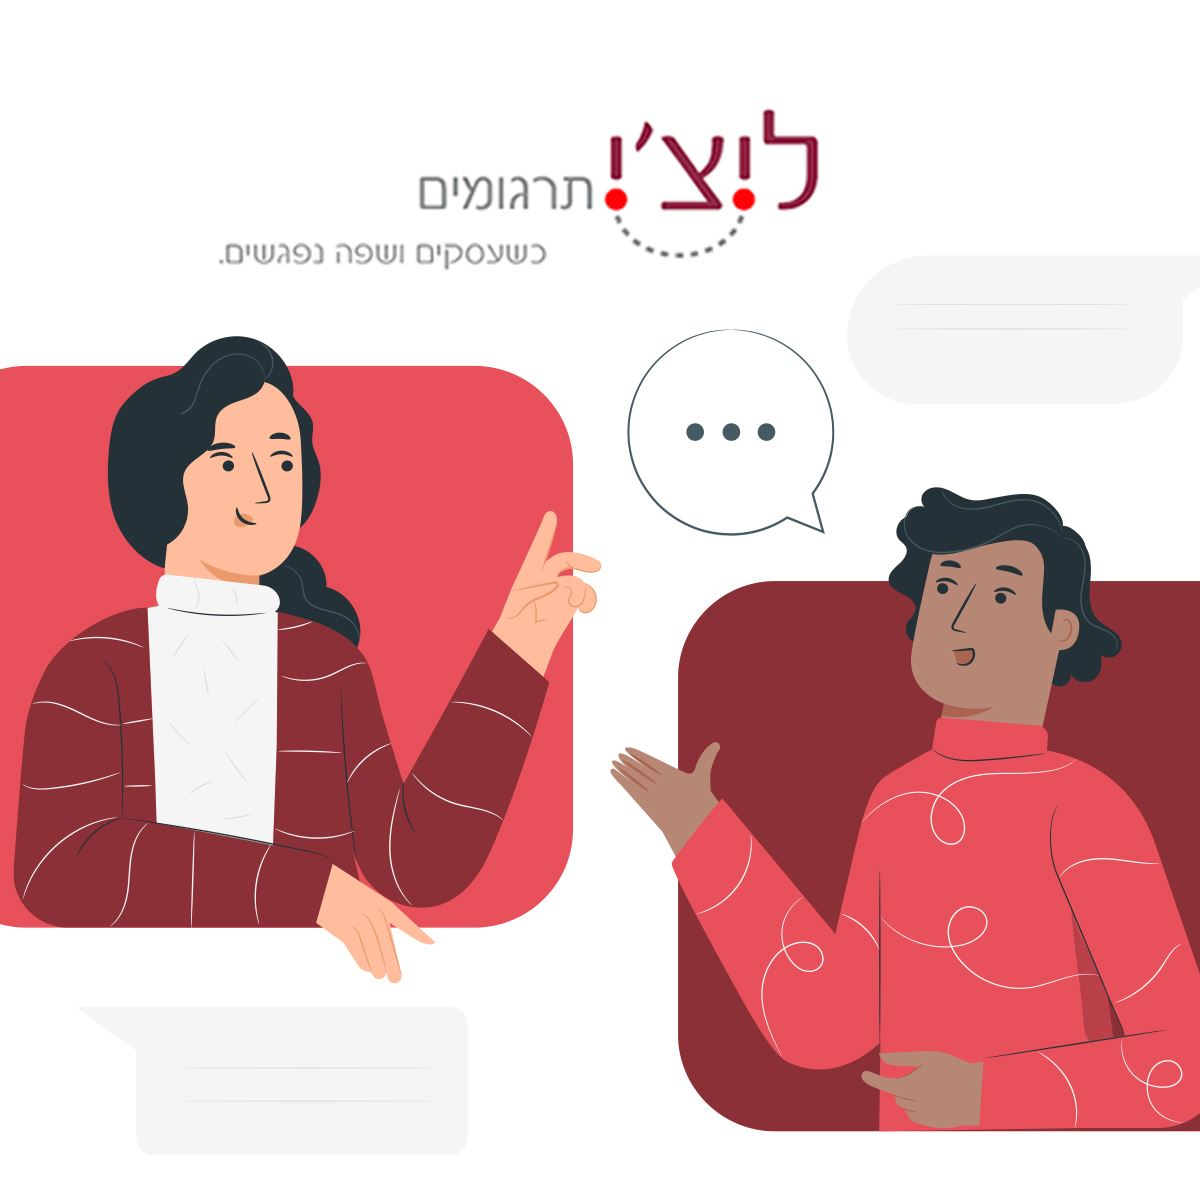 ליצ'י תרגומים